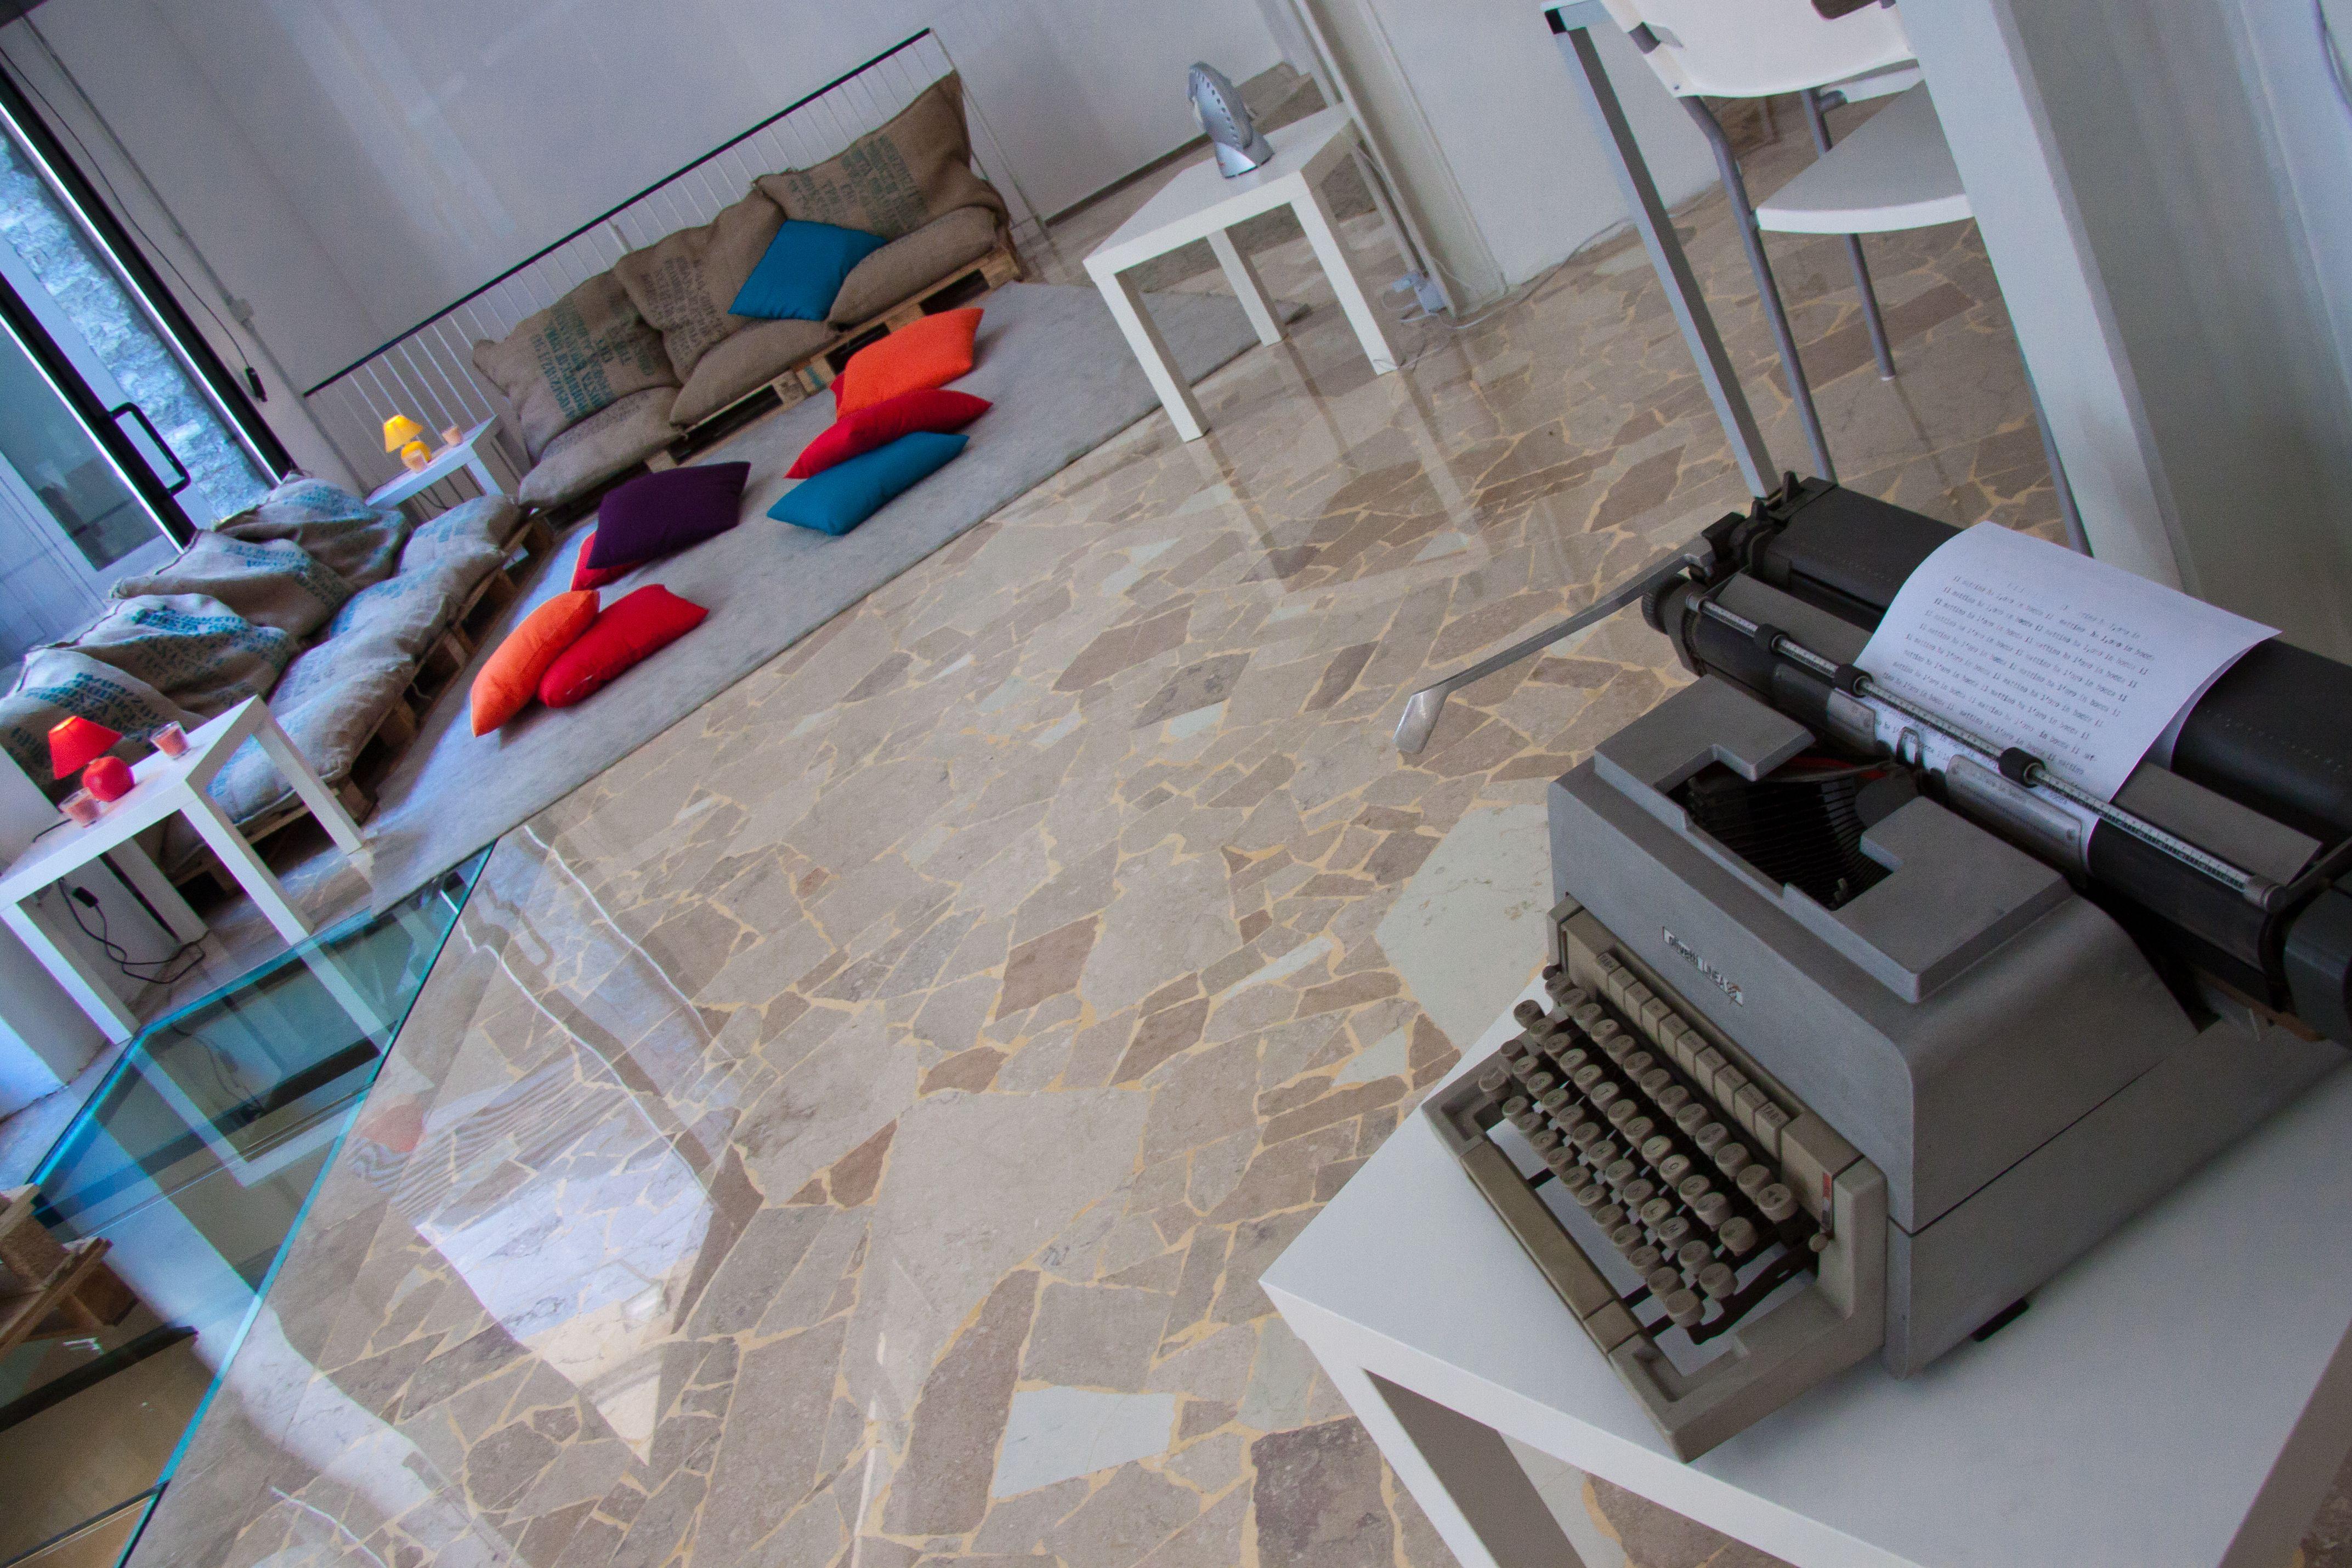 Consolle trucco 2 cassetti 80x40x136 cm con specchio e sgabello noce. Work Space Gallery Vintage Quotes Film Pillows Relax Luoghi Castello Leonardo Da Vinci